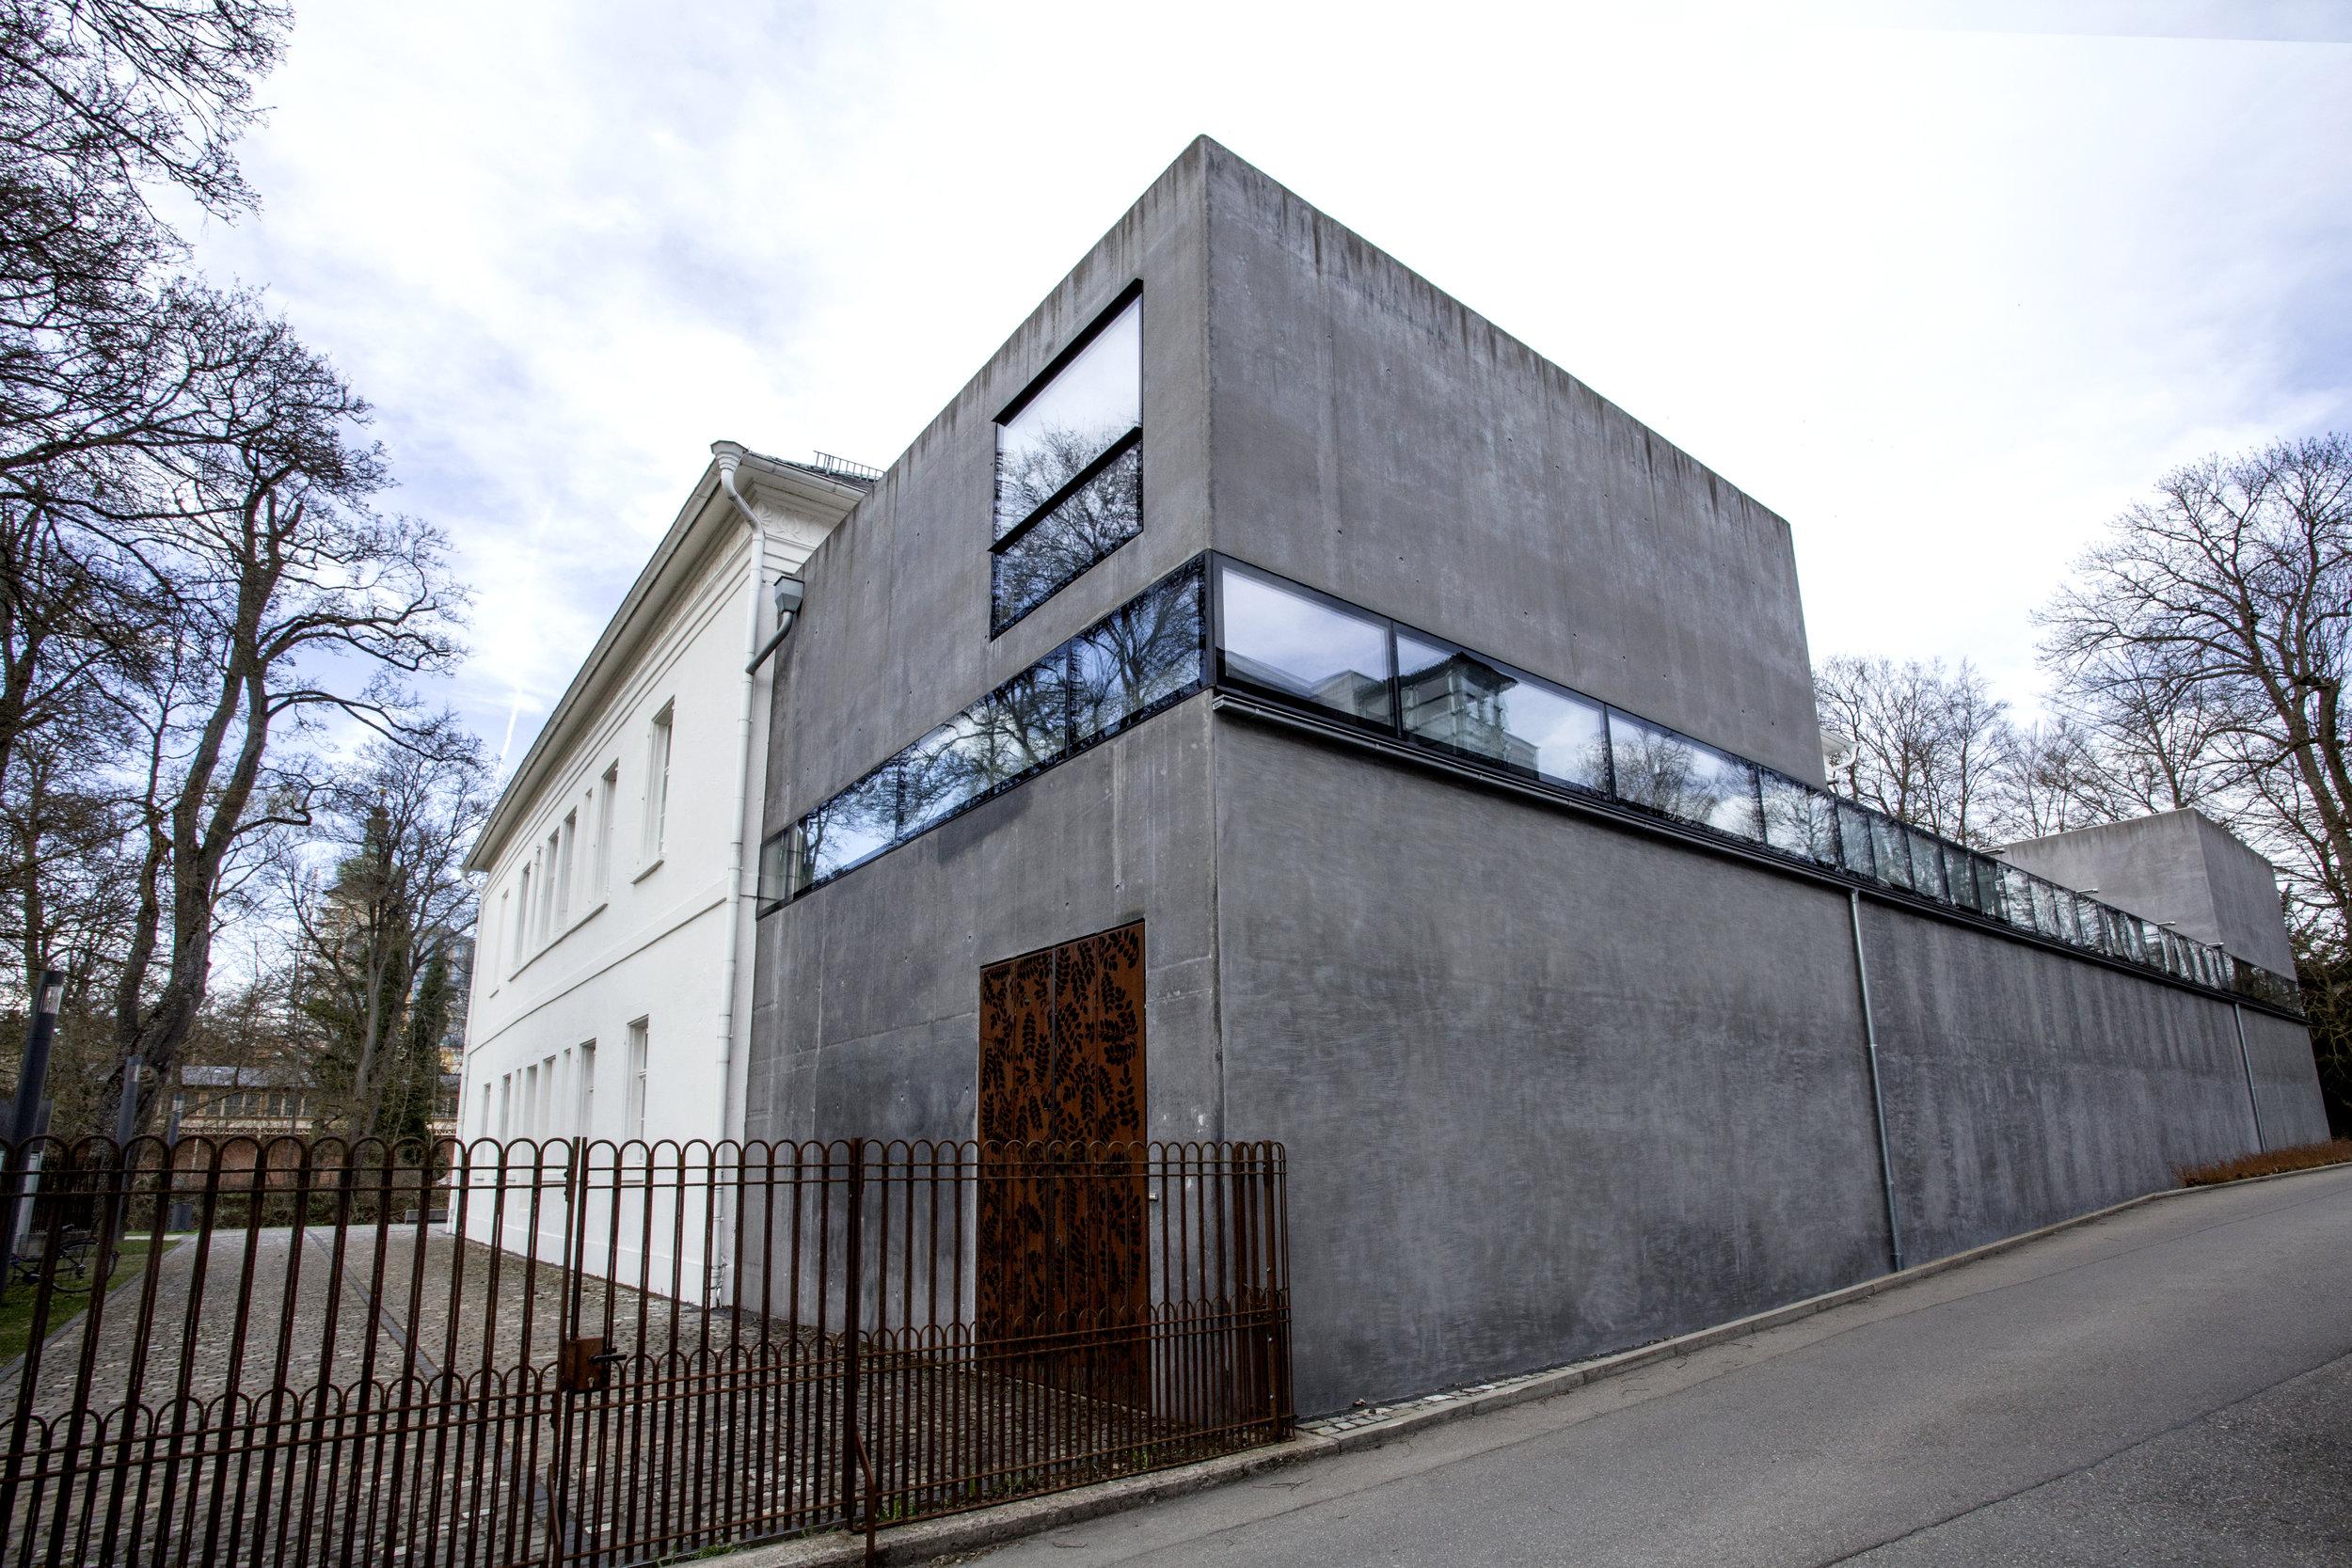 MUSEUM ART.PLUS  - une restauration exemplaire, mêlant contemporain et ancien en harmonie, pour mieux mettre en valeur les oeuvres exposées.